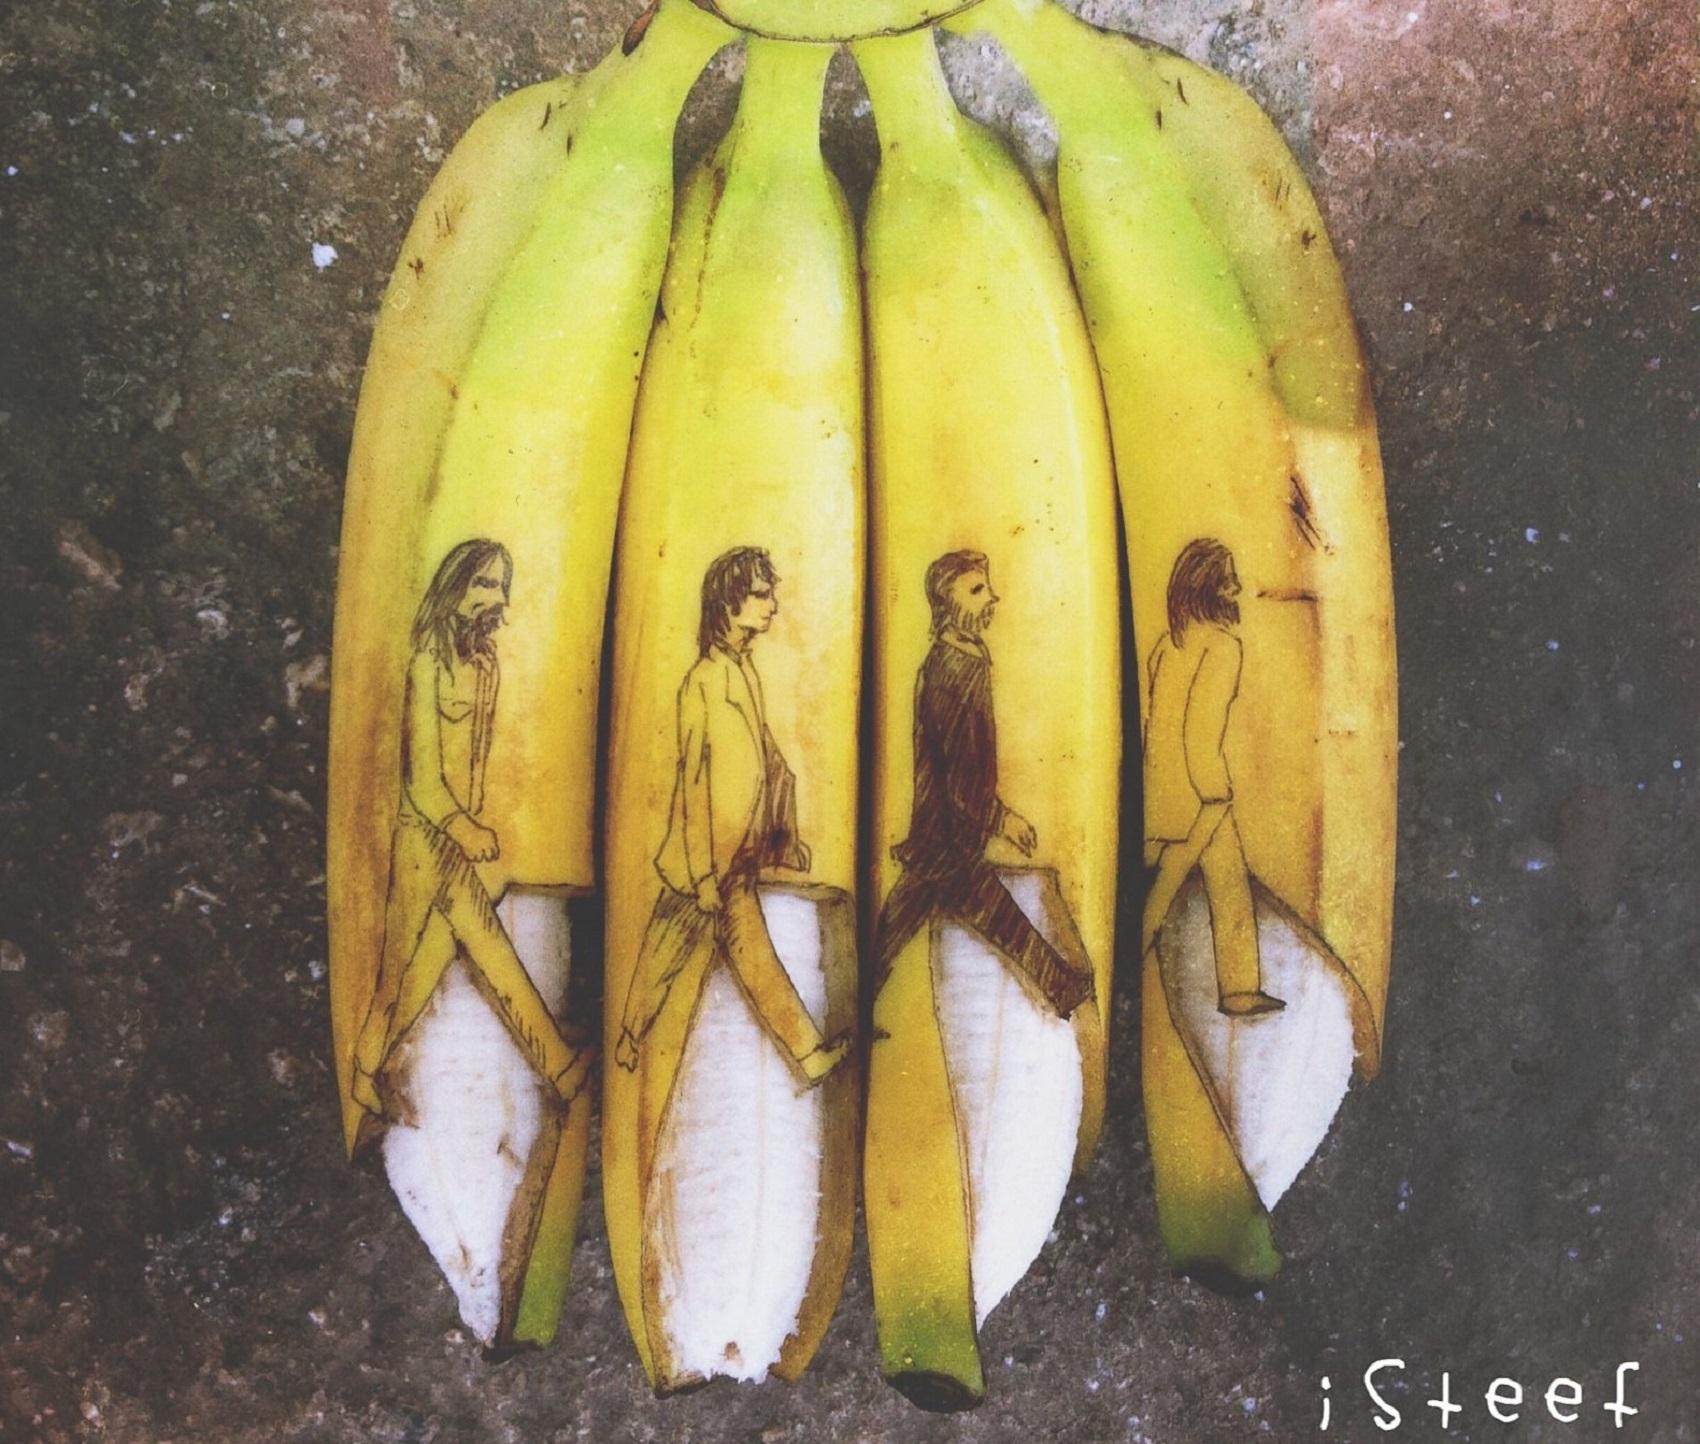 Stephan Brusche e le sue bucce di banana che diventano opere d'arte